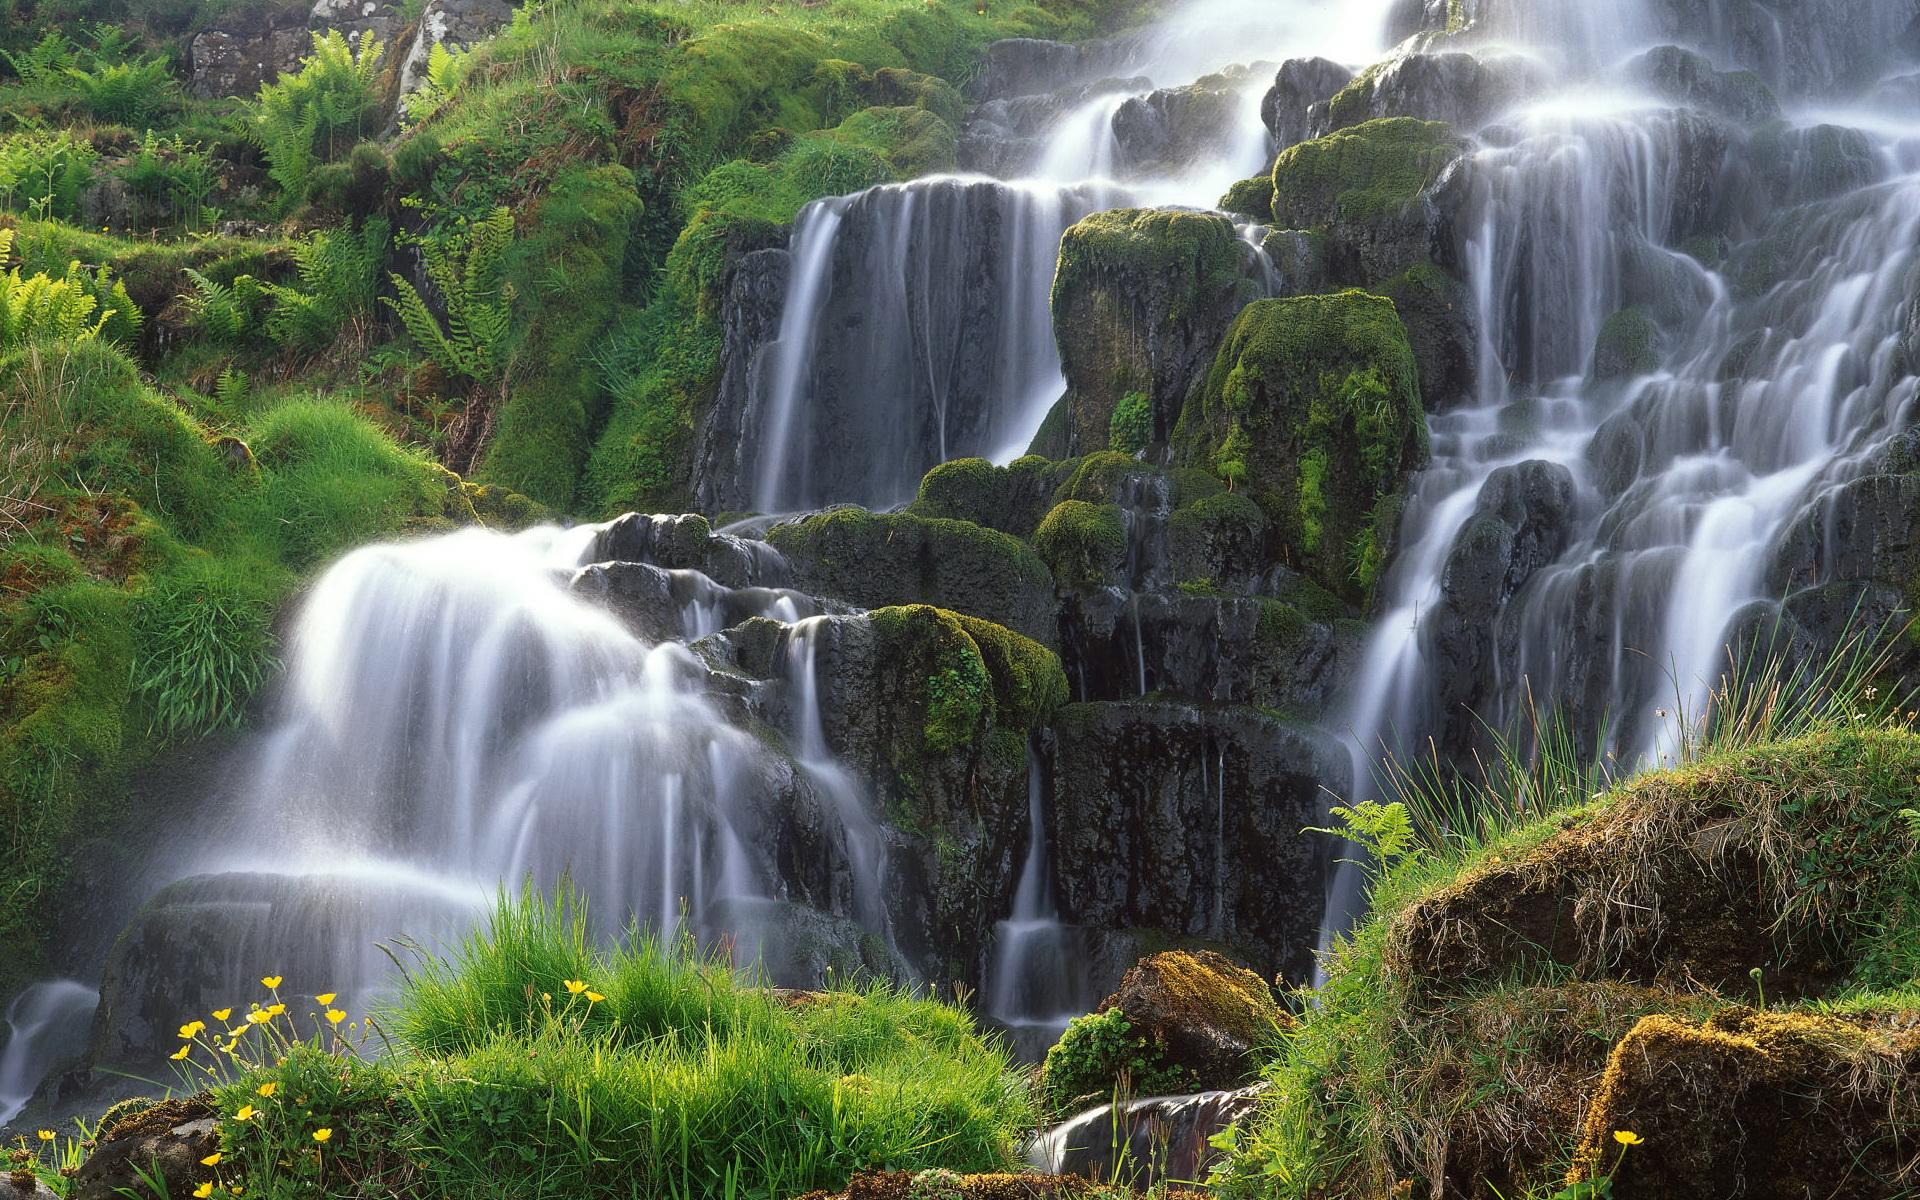 Весна прикольные, водопады картинки на рабочий стол